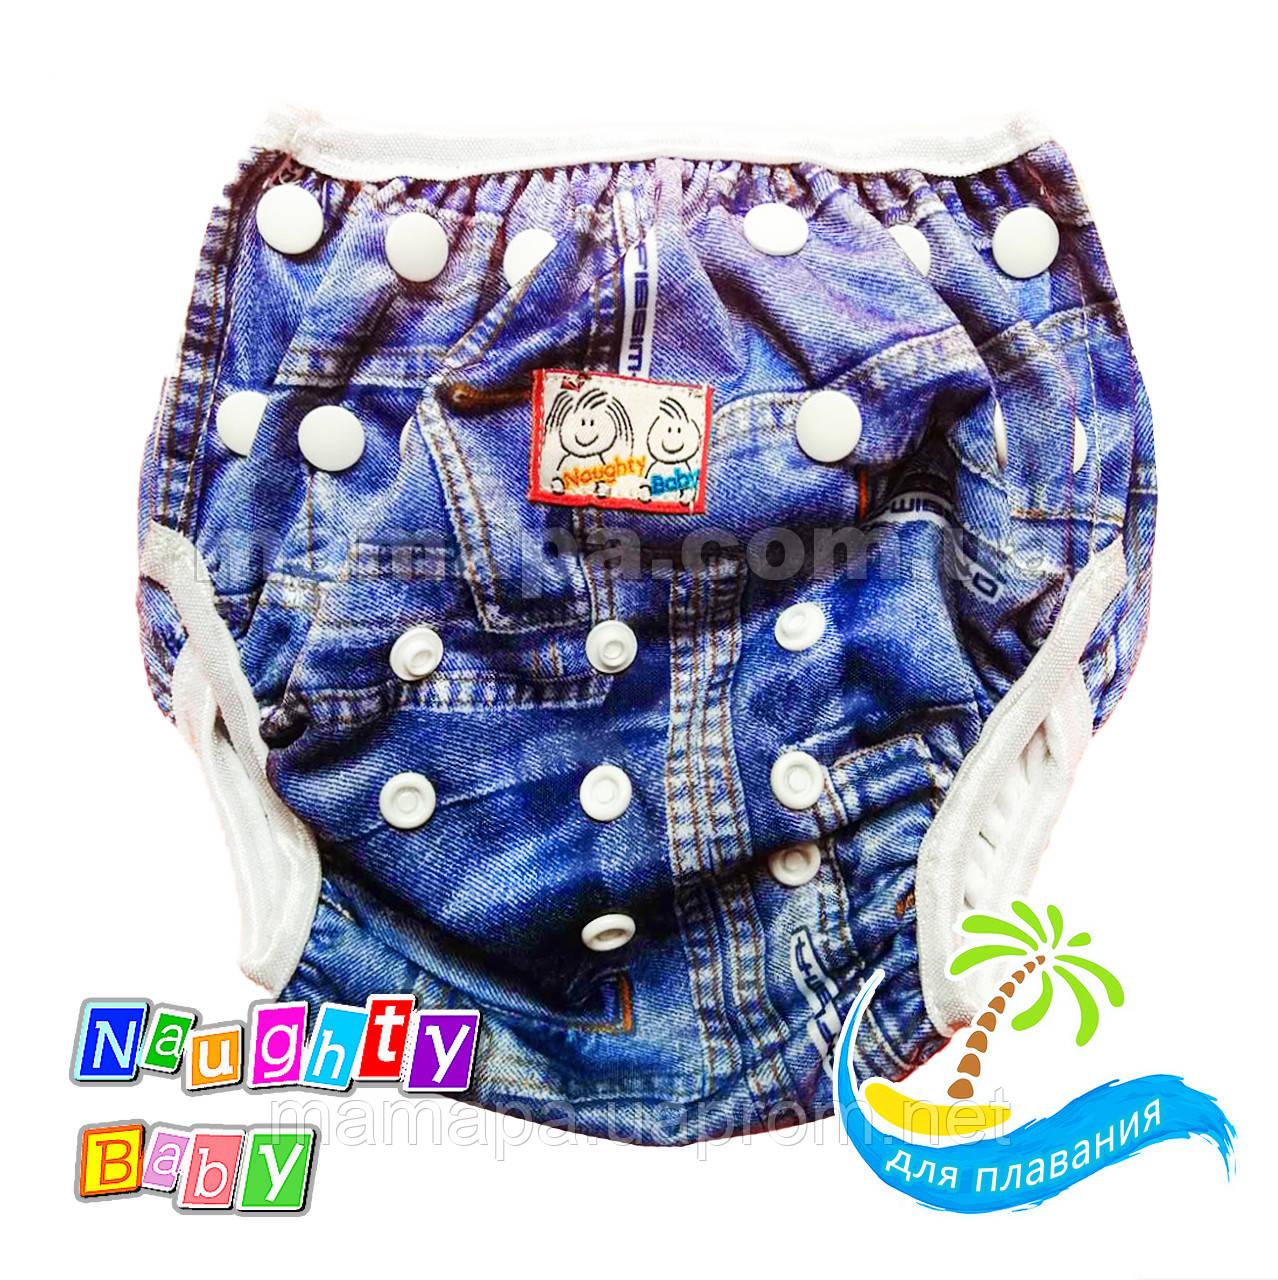 Многоразовые подгузники для плавания бассейна Naughty Baby для детей 3-16кг ДЖИНС